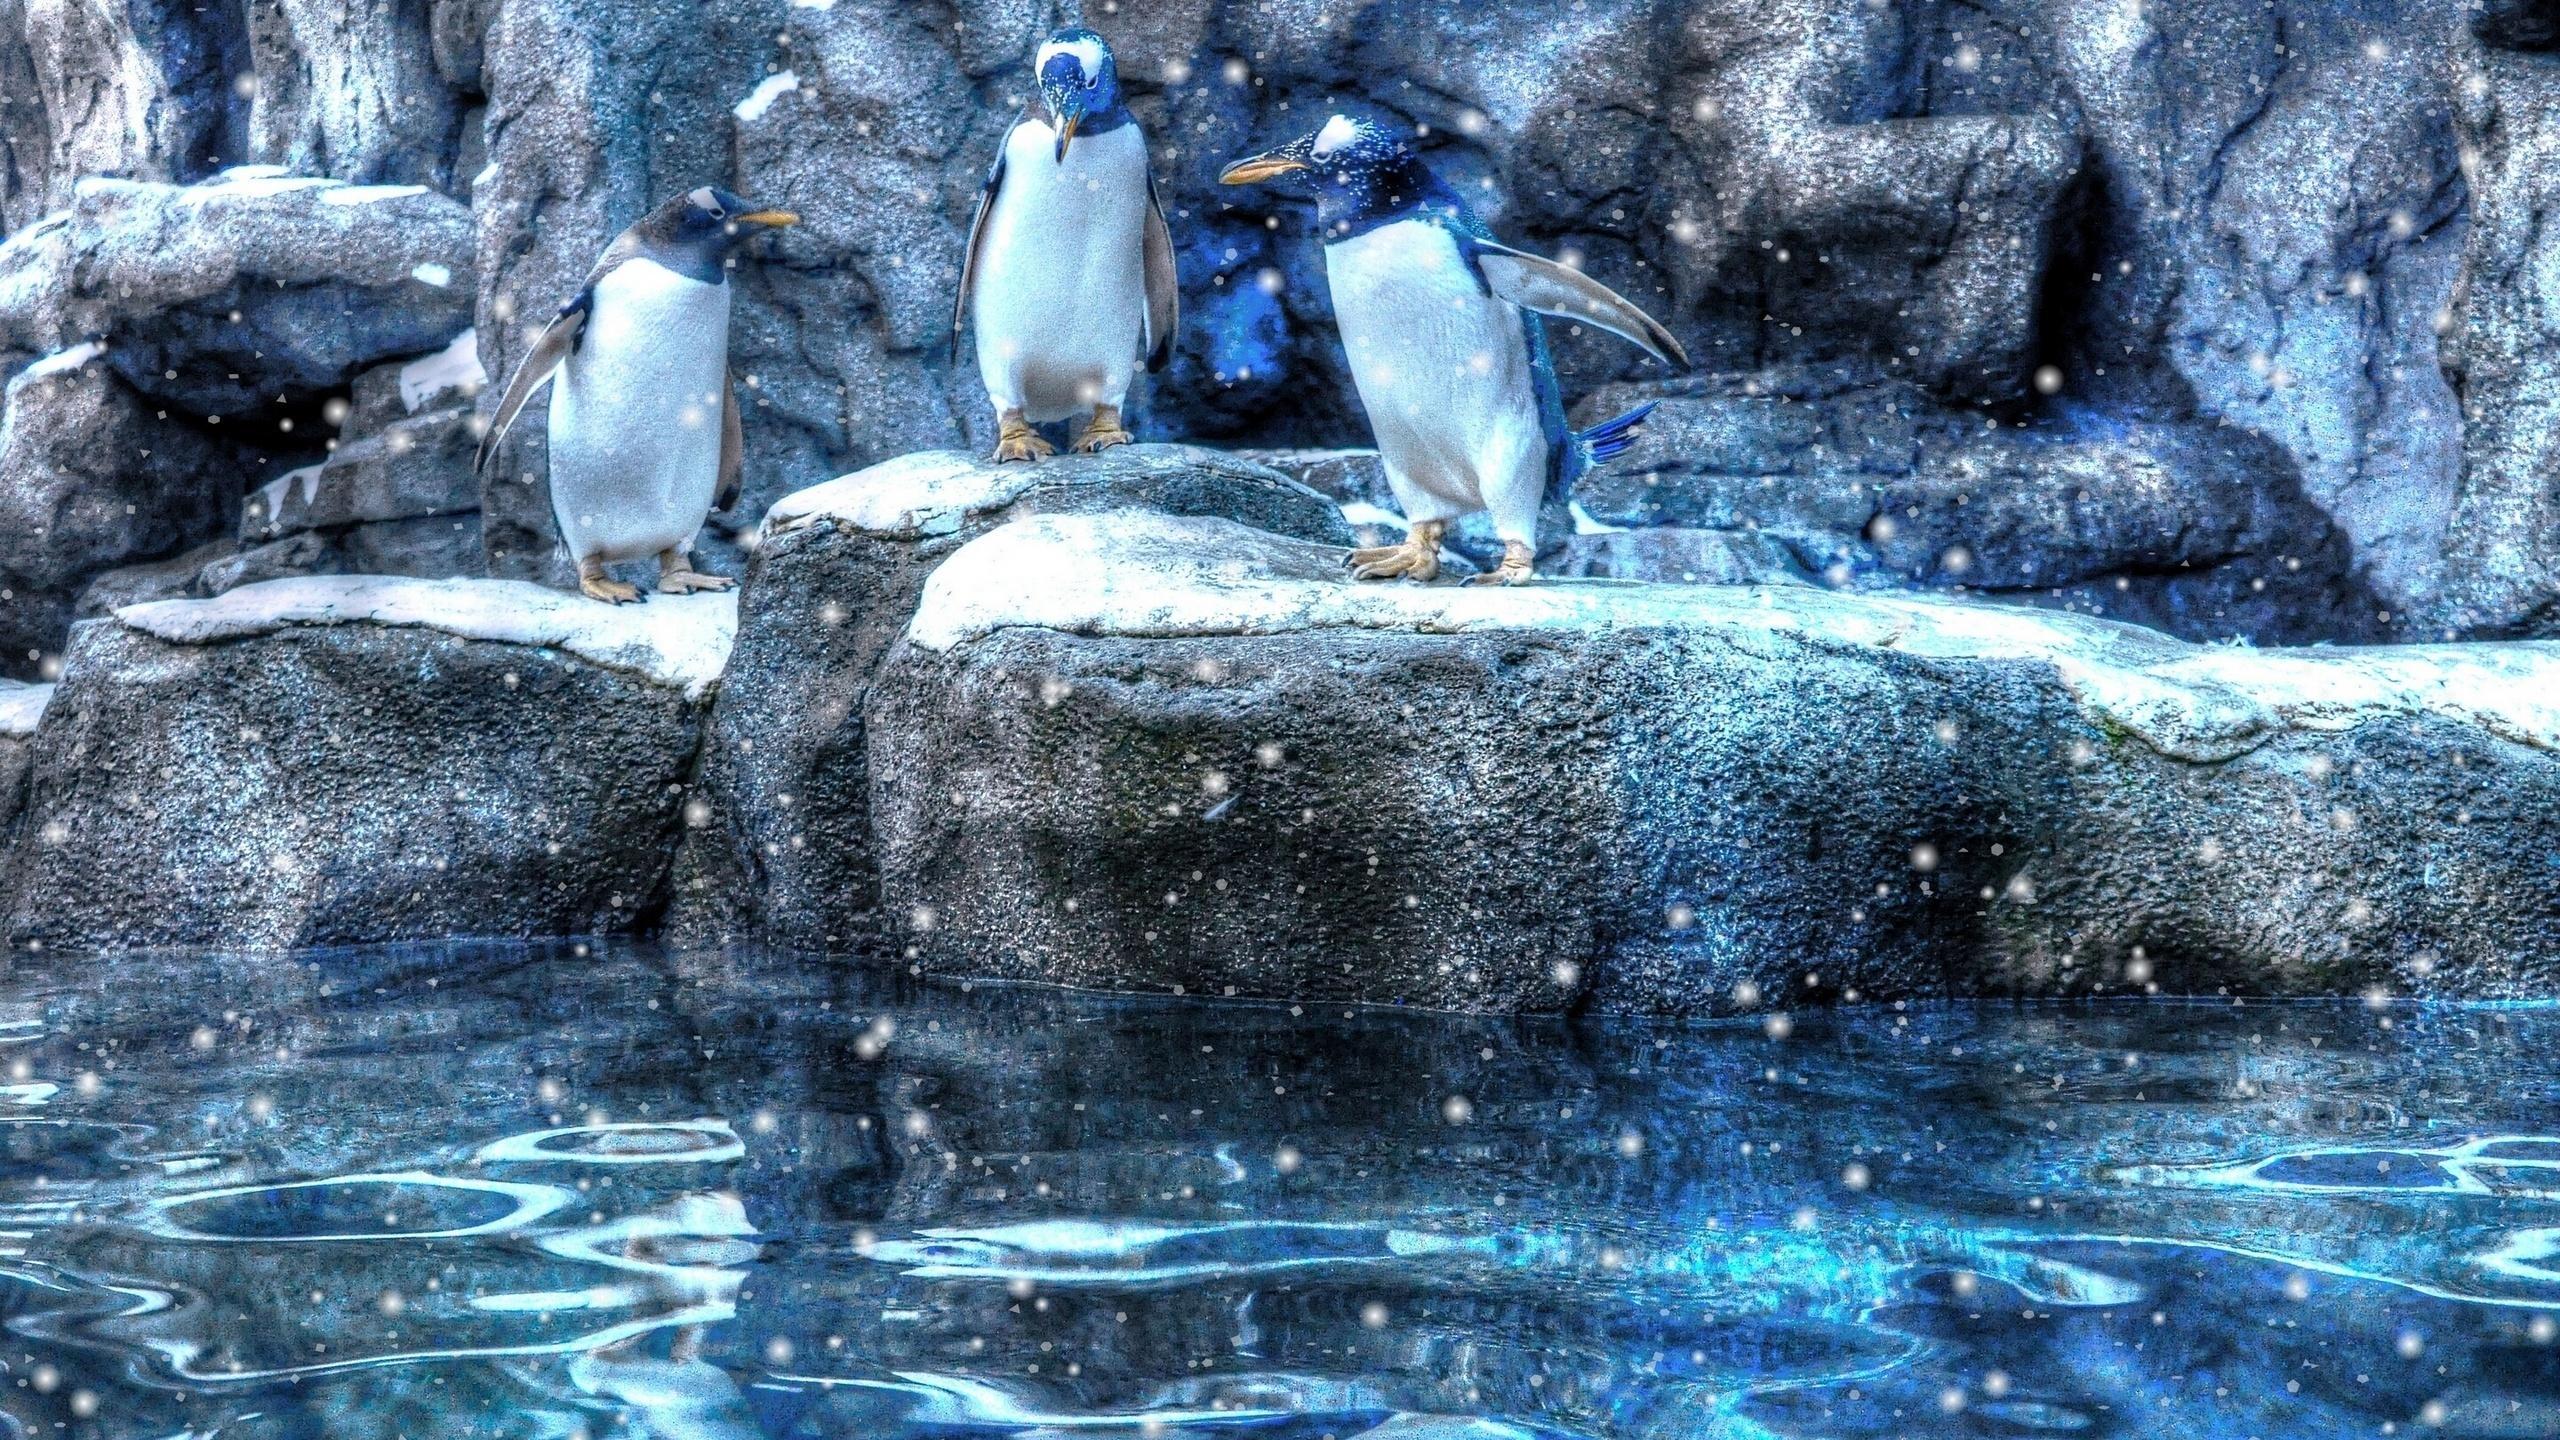 Пингвины, белые медведи и северные олени: почему холодолюбивые животные не вымирают от потепления?